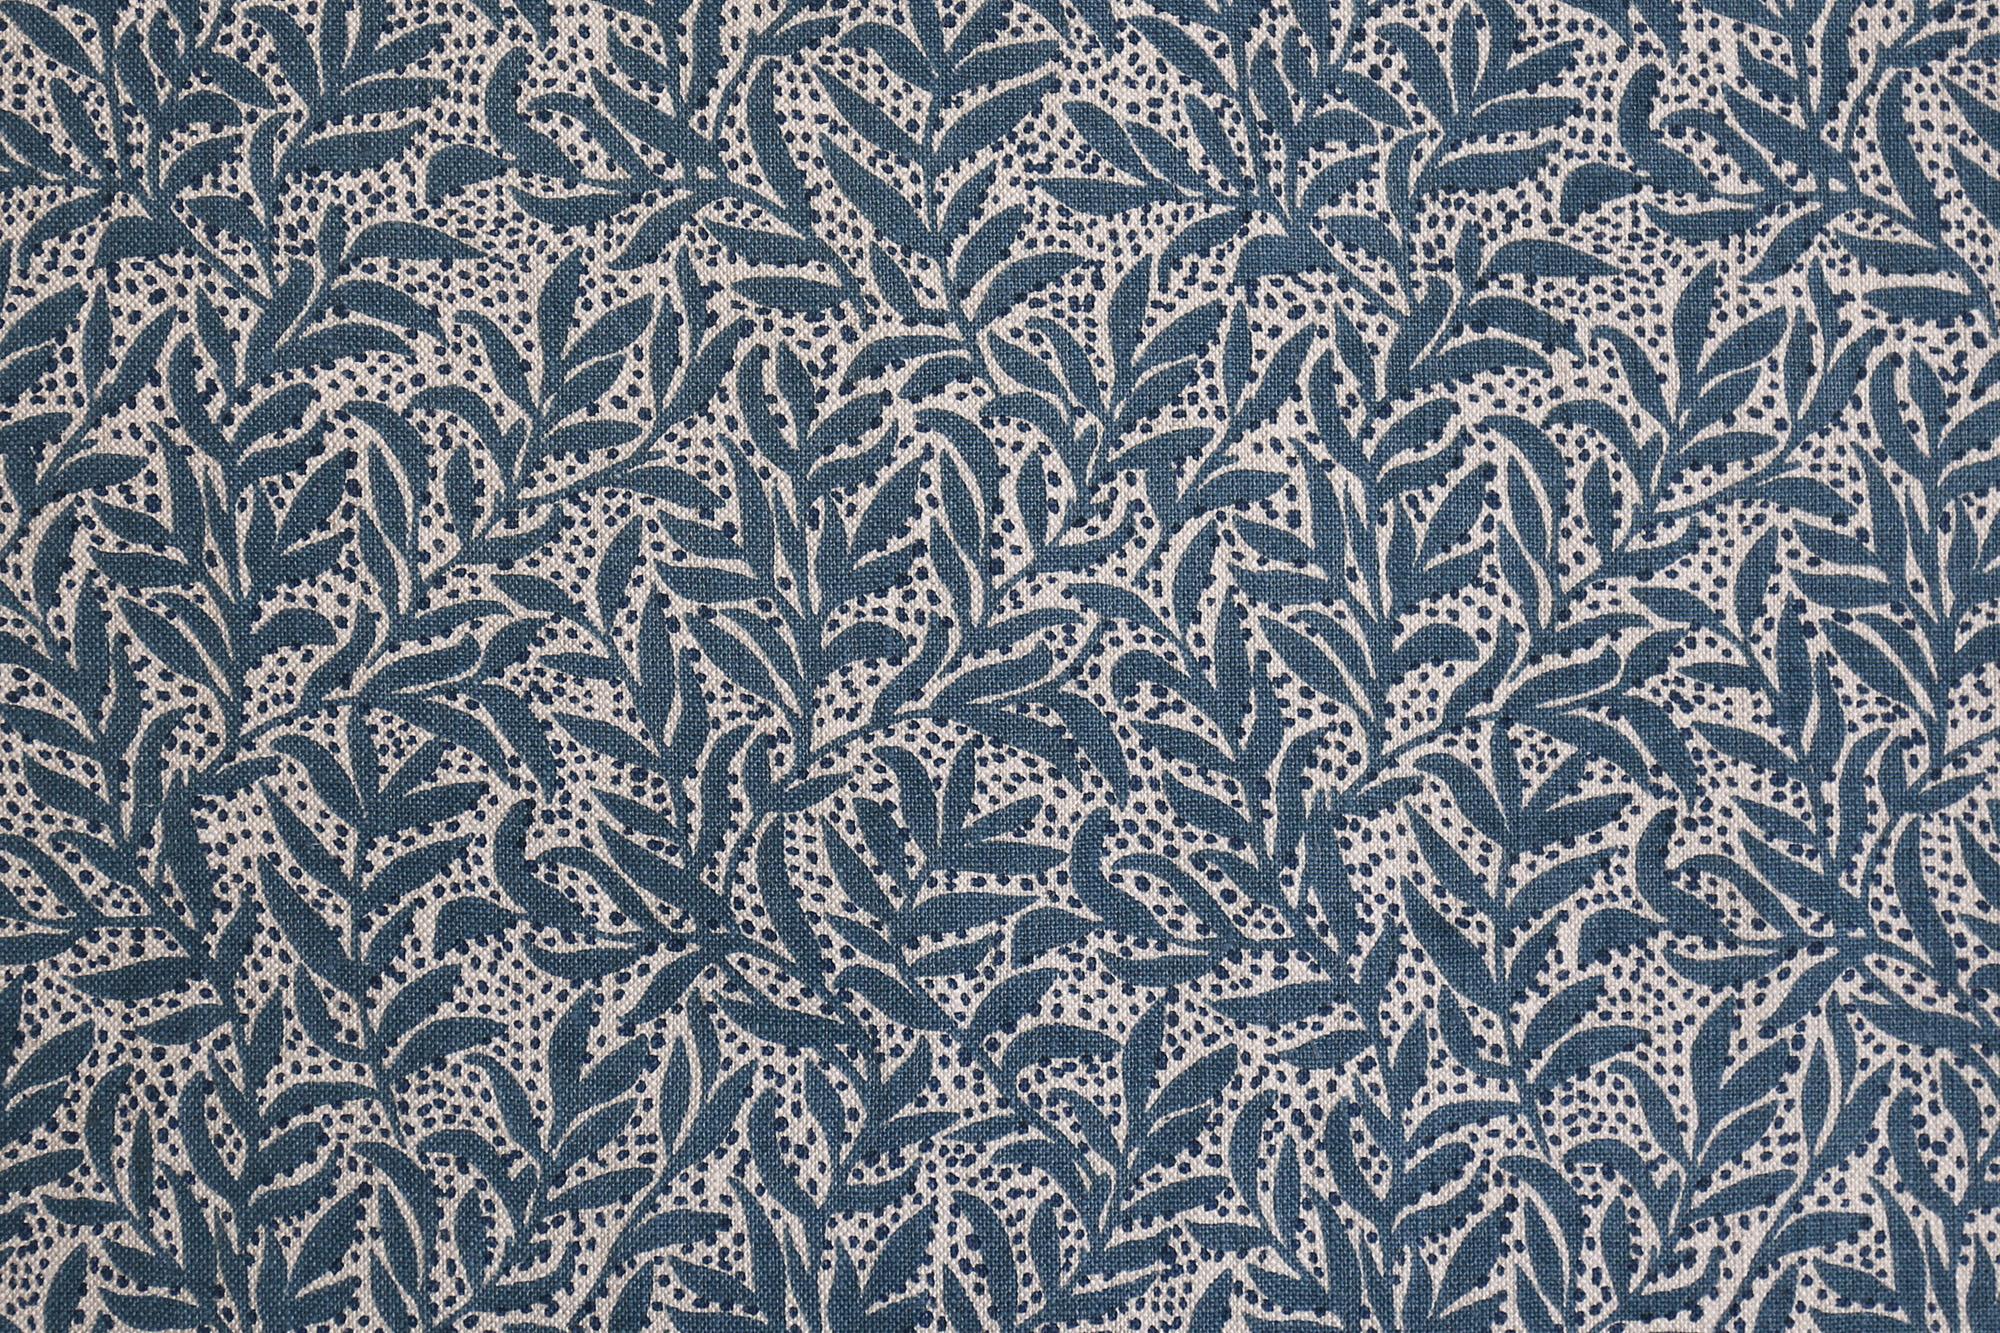 CLOTH & KIND // Interior Design for Your Desktop, Walter G